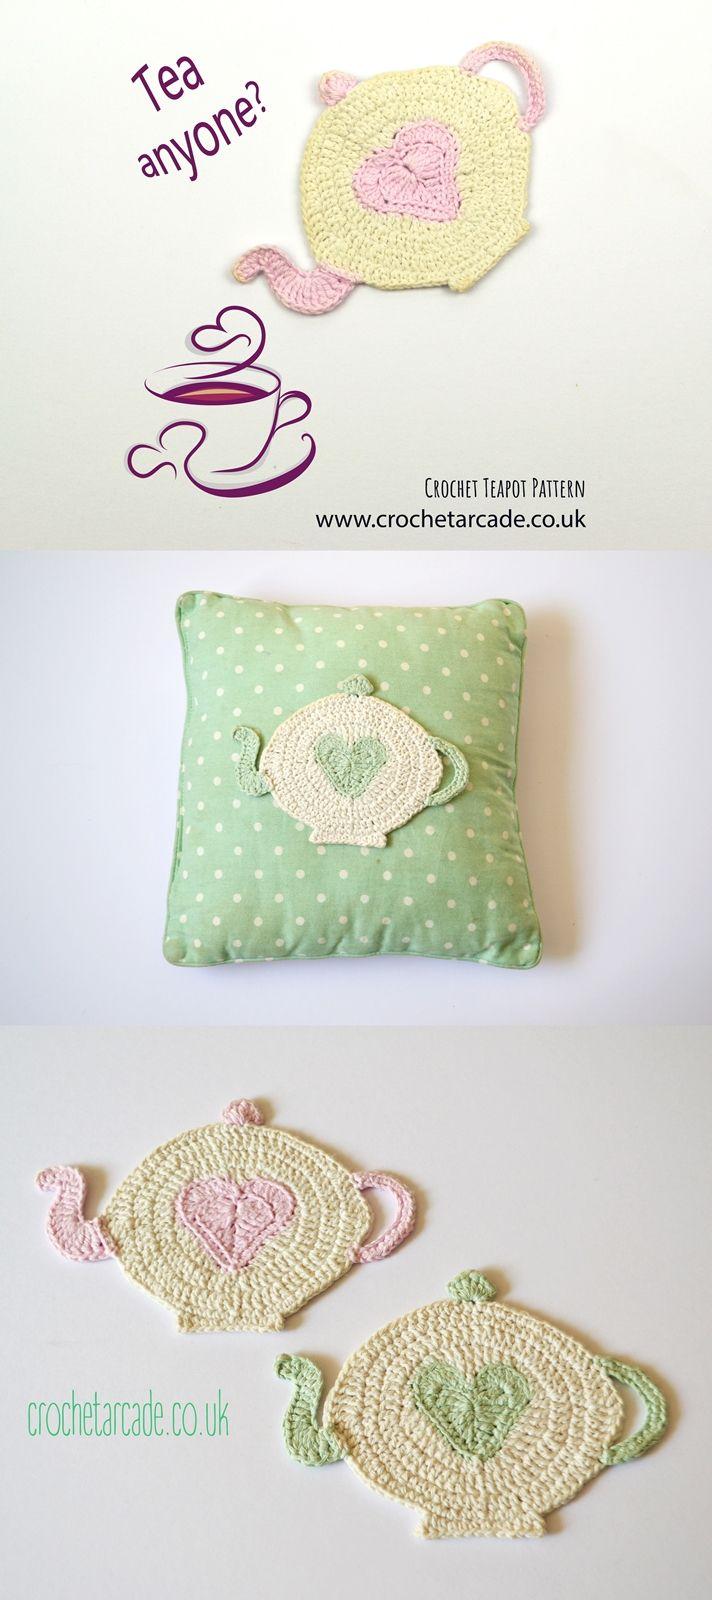 Cutsey Crochet Teapot Pattern Teapots Crochet Crochet Gifts